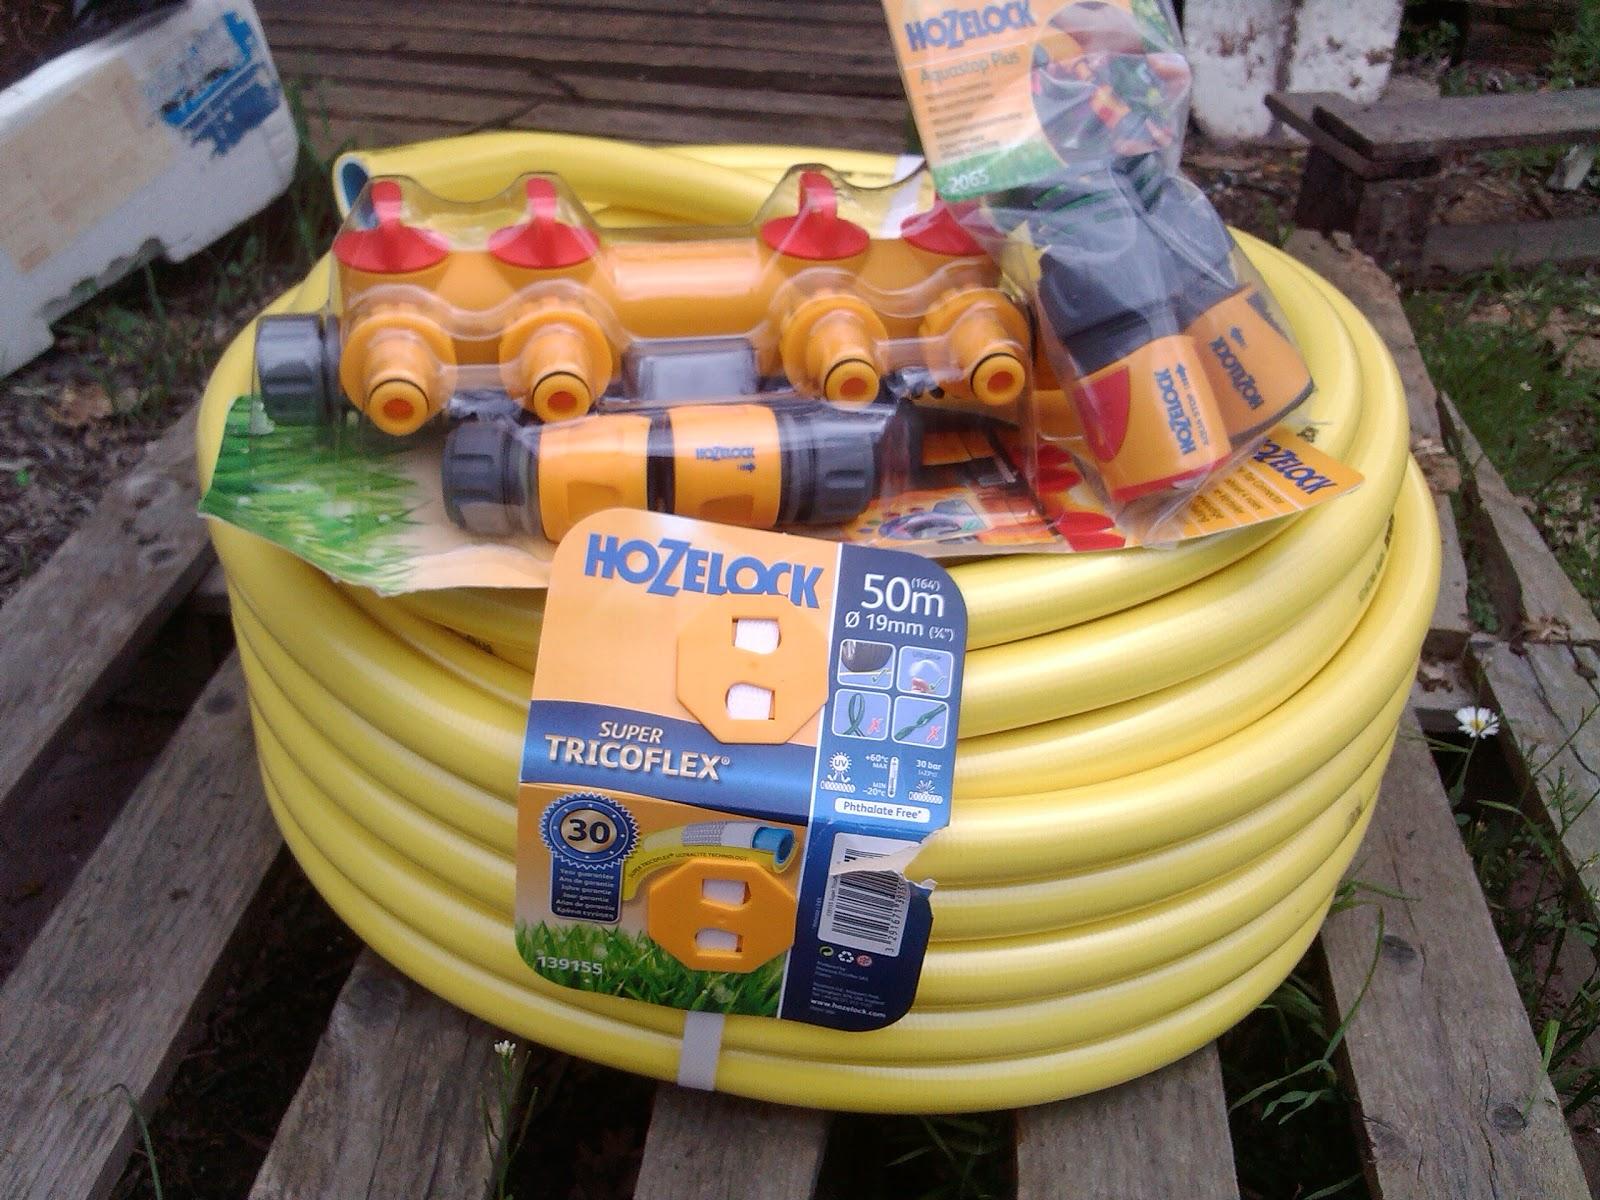 Le potager d 39 aur lie test produits d 39 arrosage d 39 hozelock - Arrosage automatique jardin potager ...